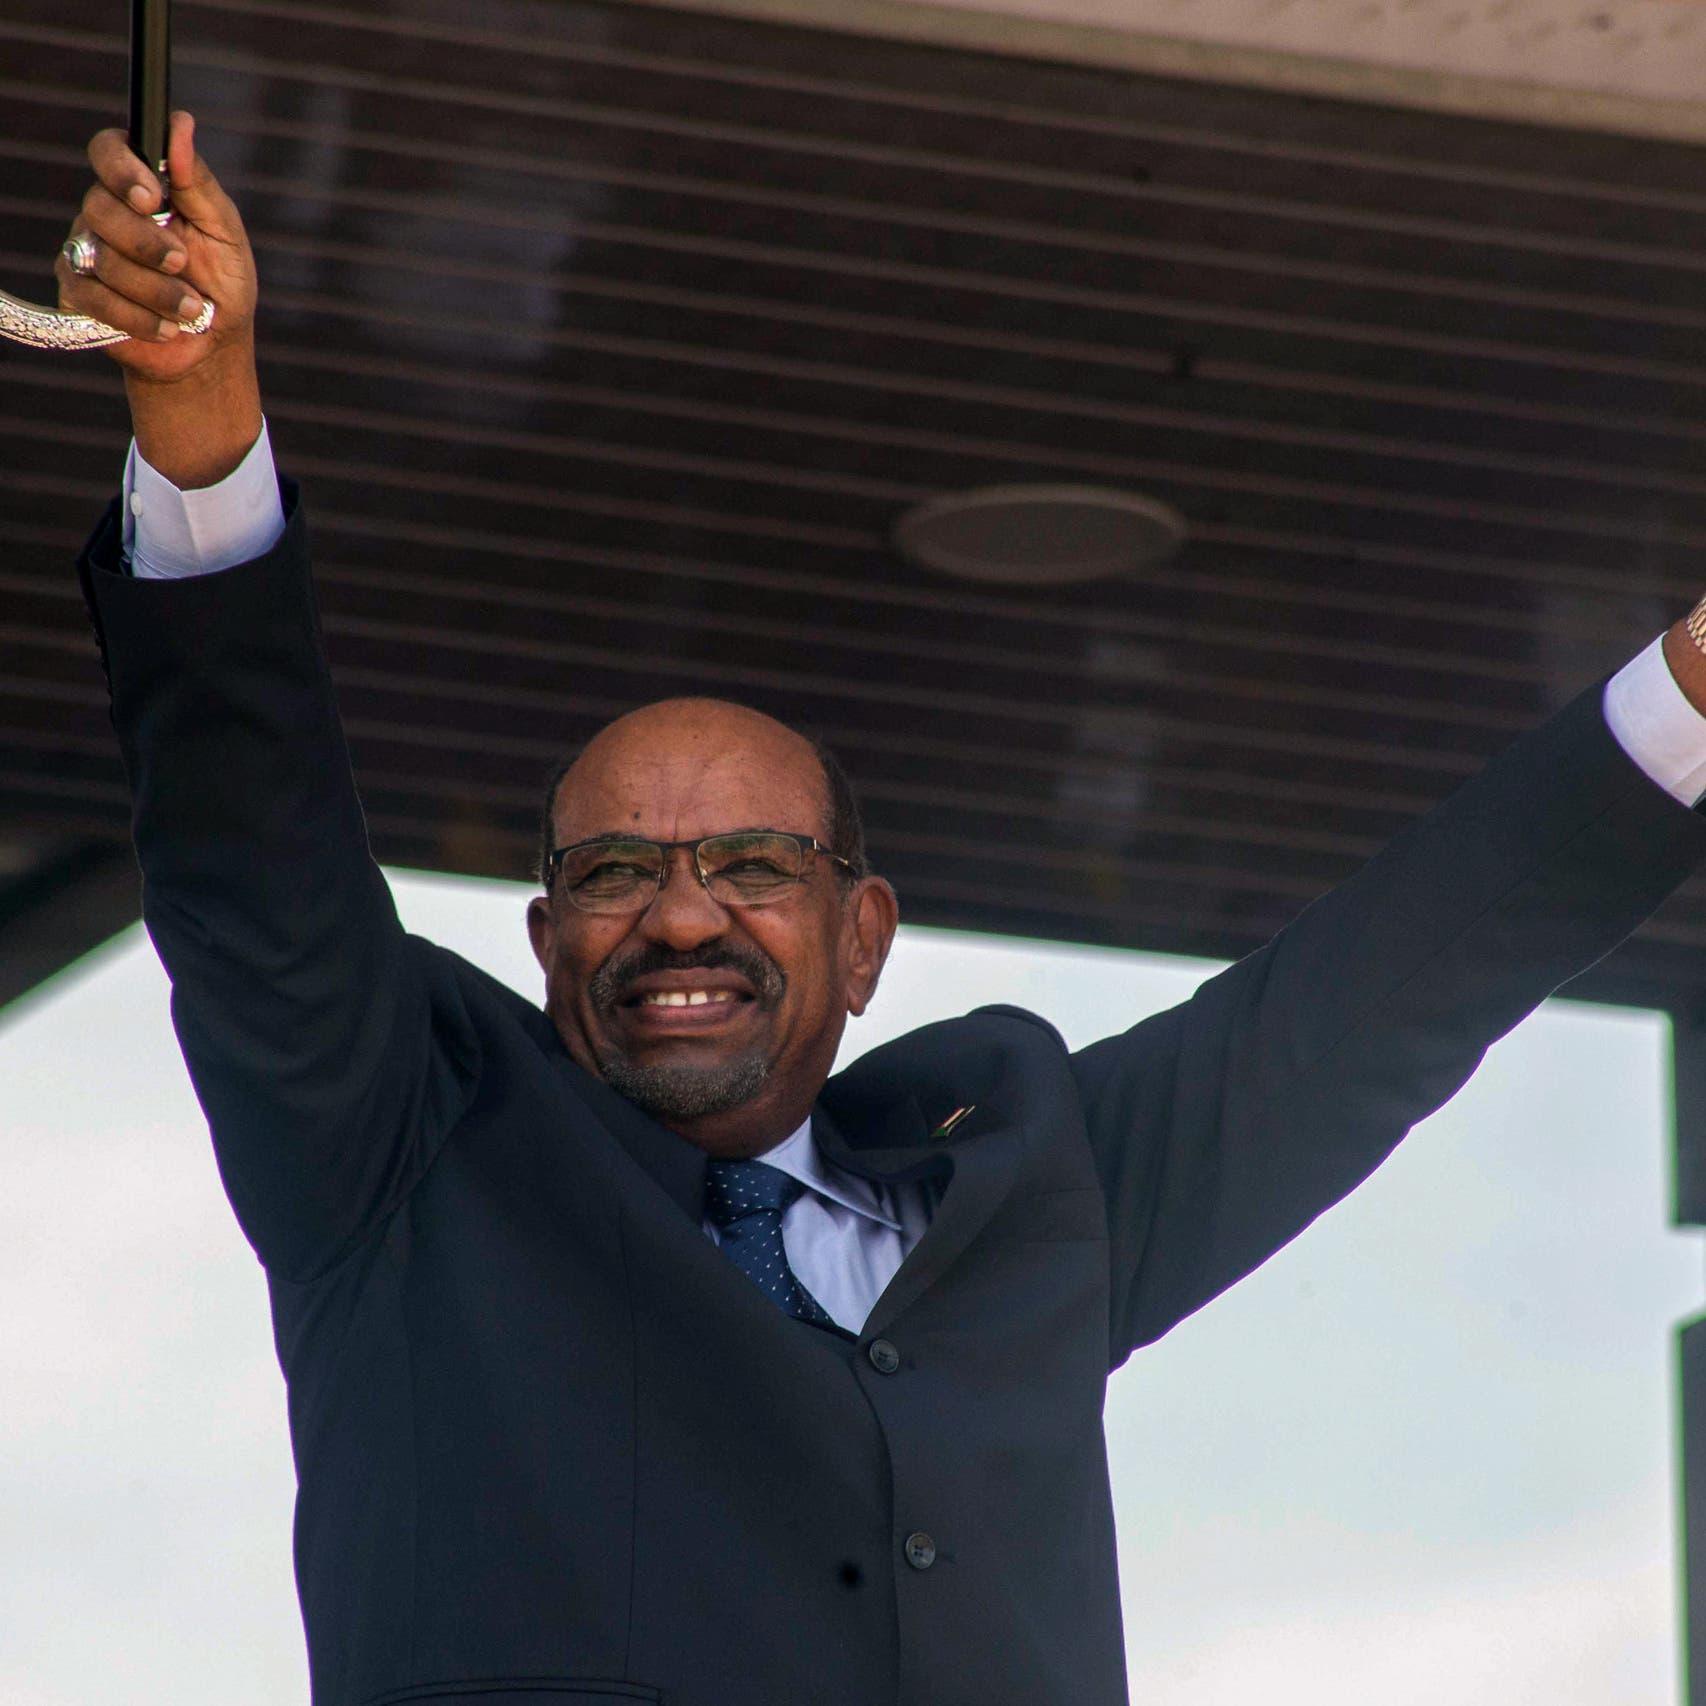 هكذا قضم الإخوان ثروات السودان.. فتوى ونفط وحلقة للبشير